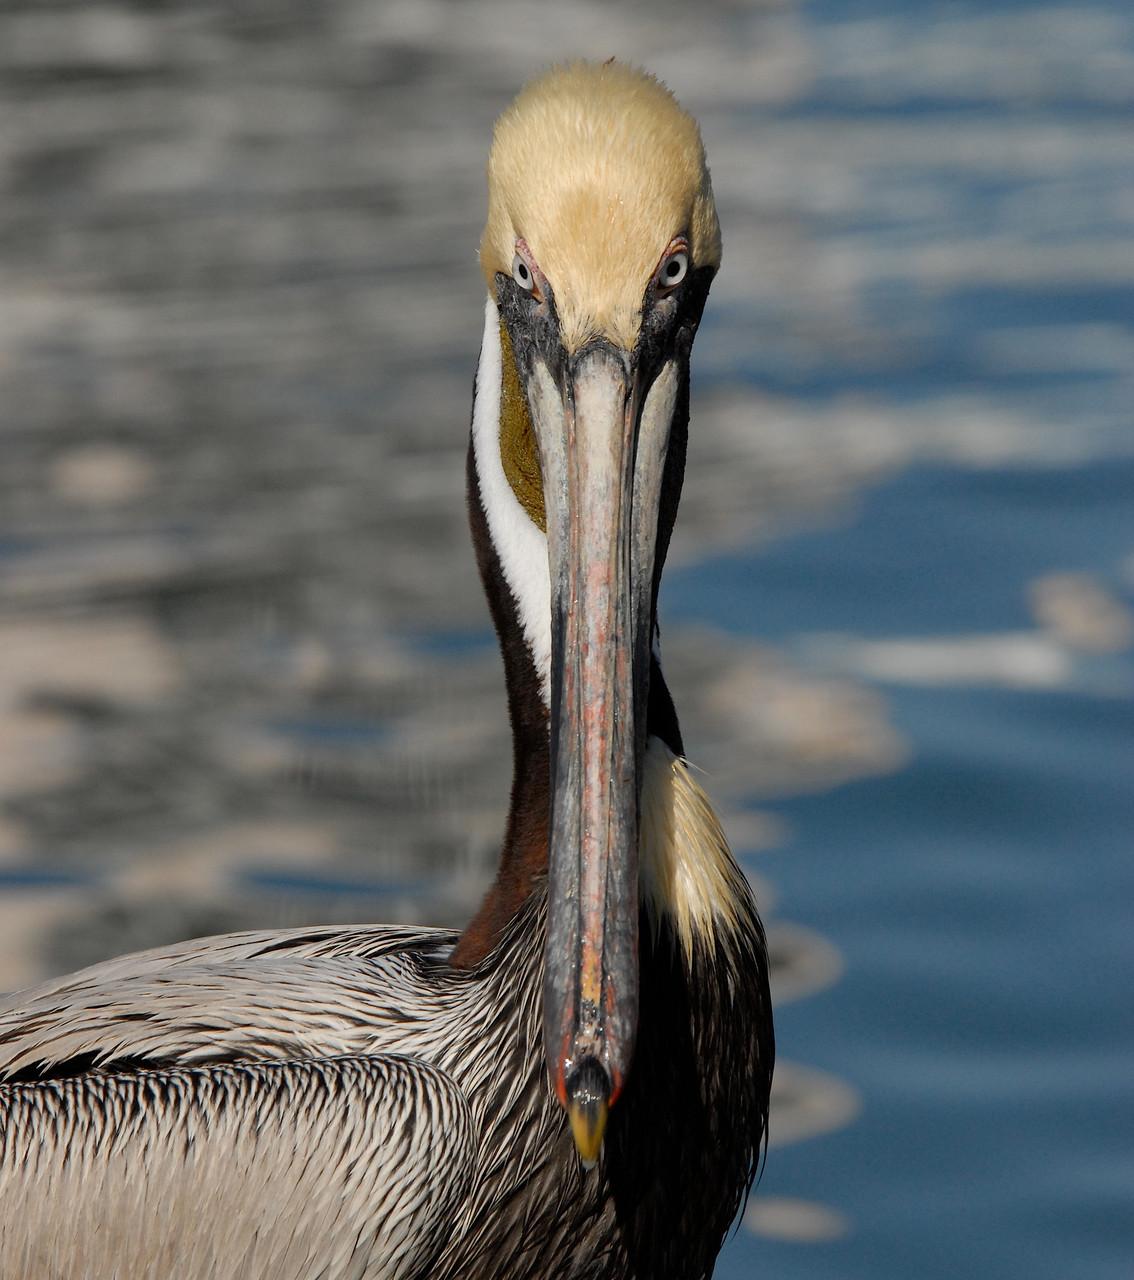 02_Pelikan (pelican) in Fort Walton Beach in Florida